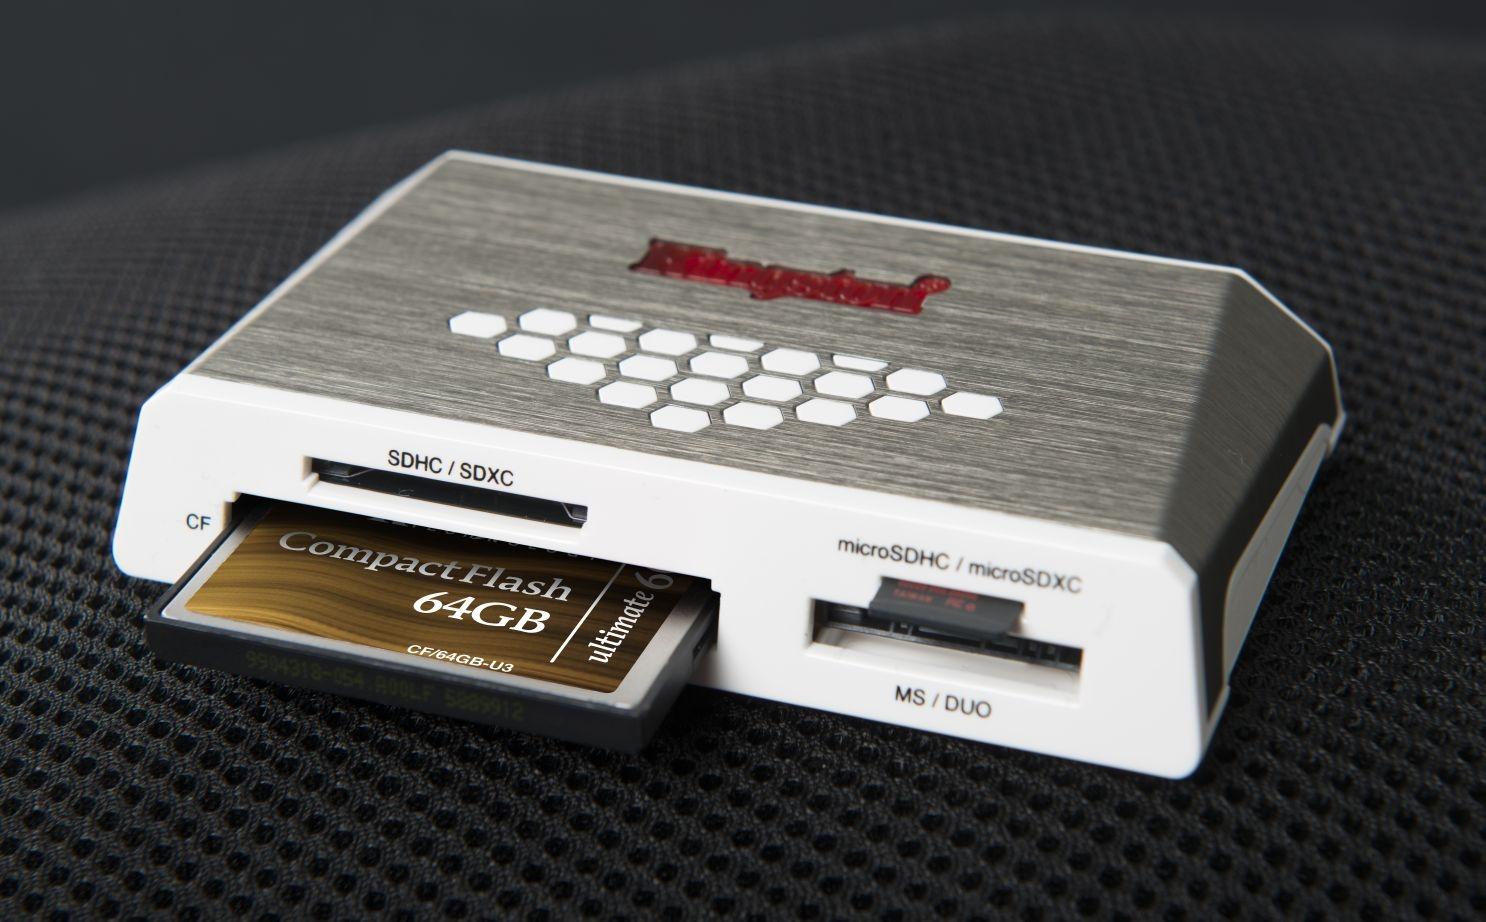 Nowy Czytnik Usb 3 0 Oraz Karta Cf 64 Gb 600x Od Kingstona